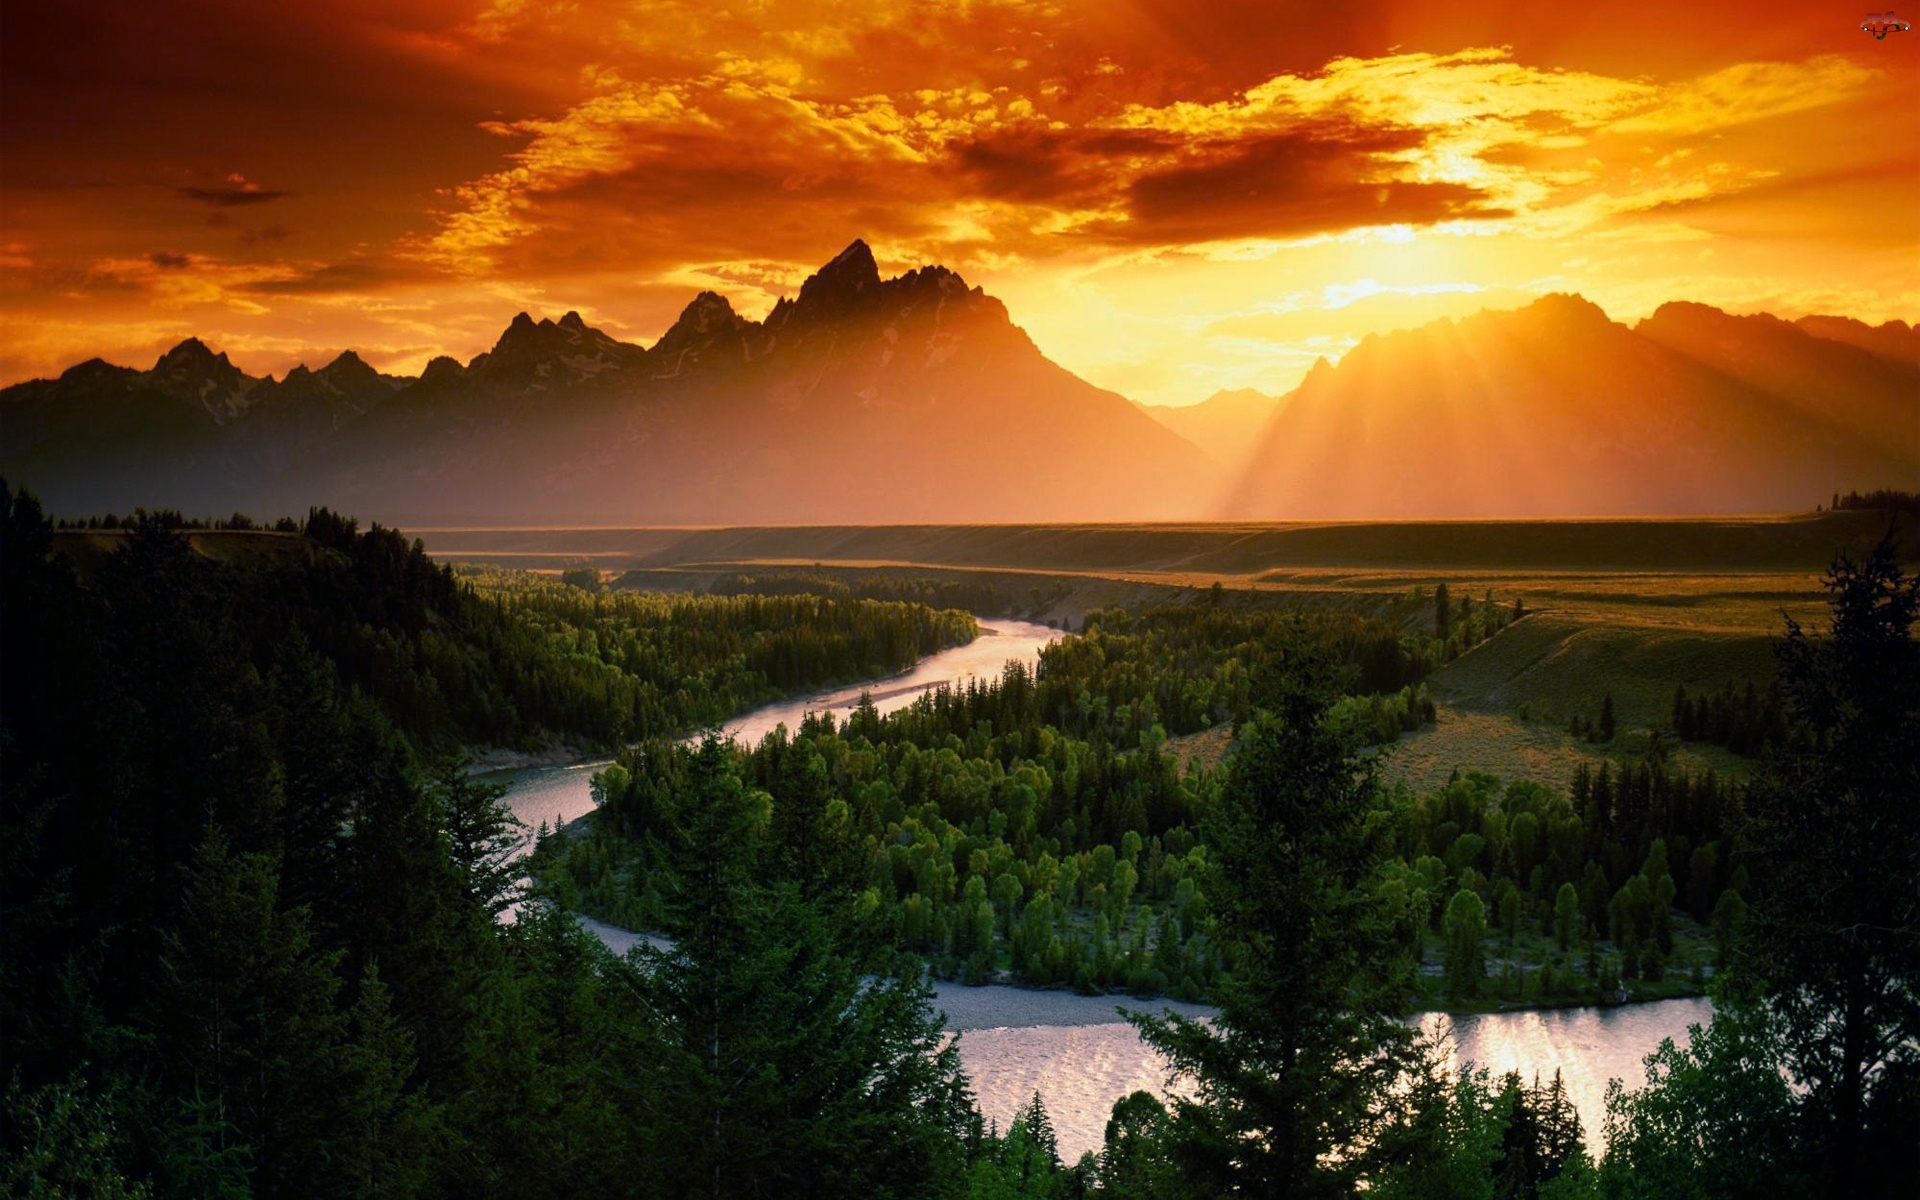 Góry, Zachód, Rzeka, Słońca, Lasy